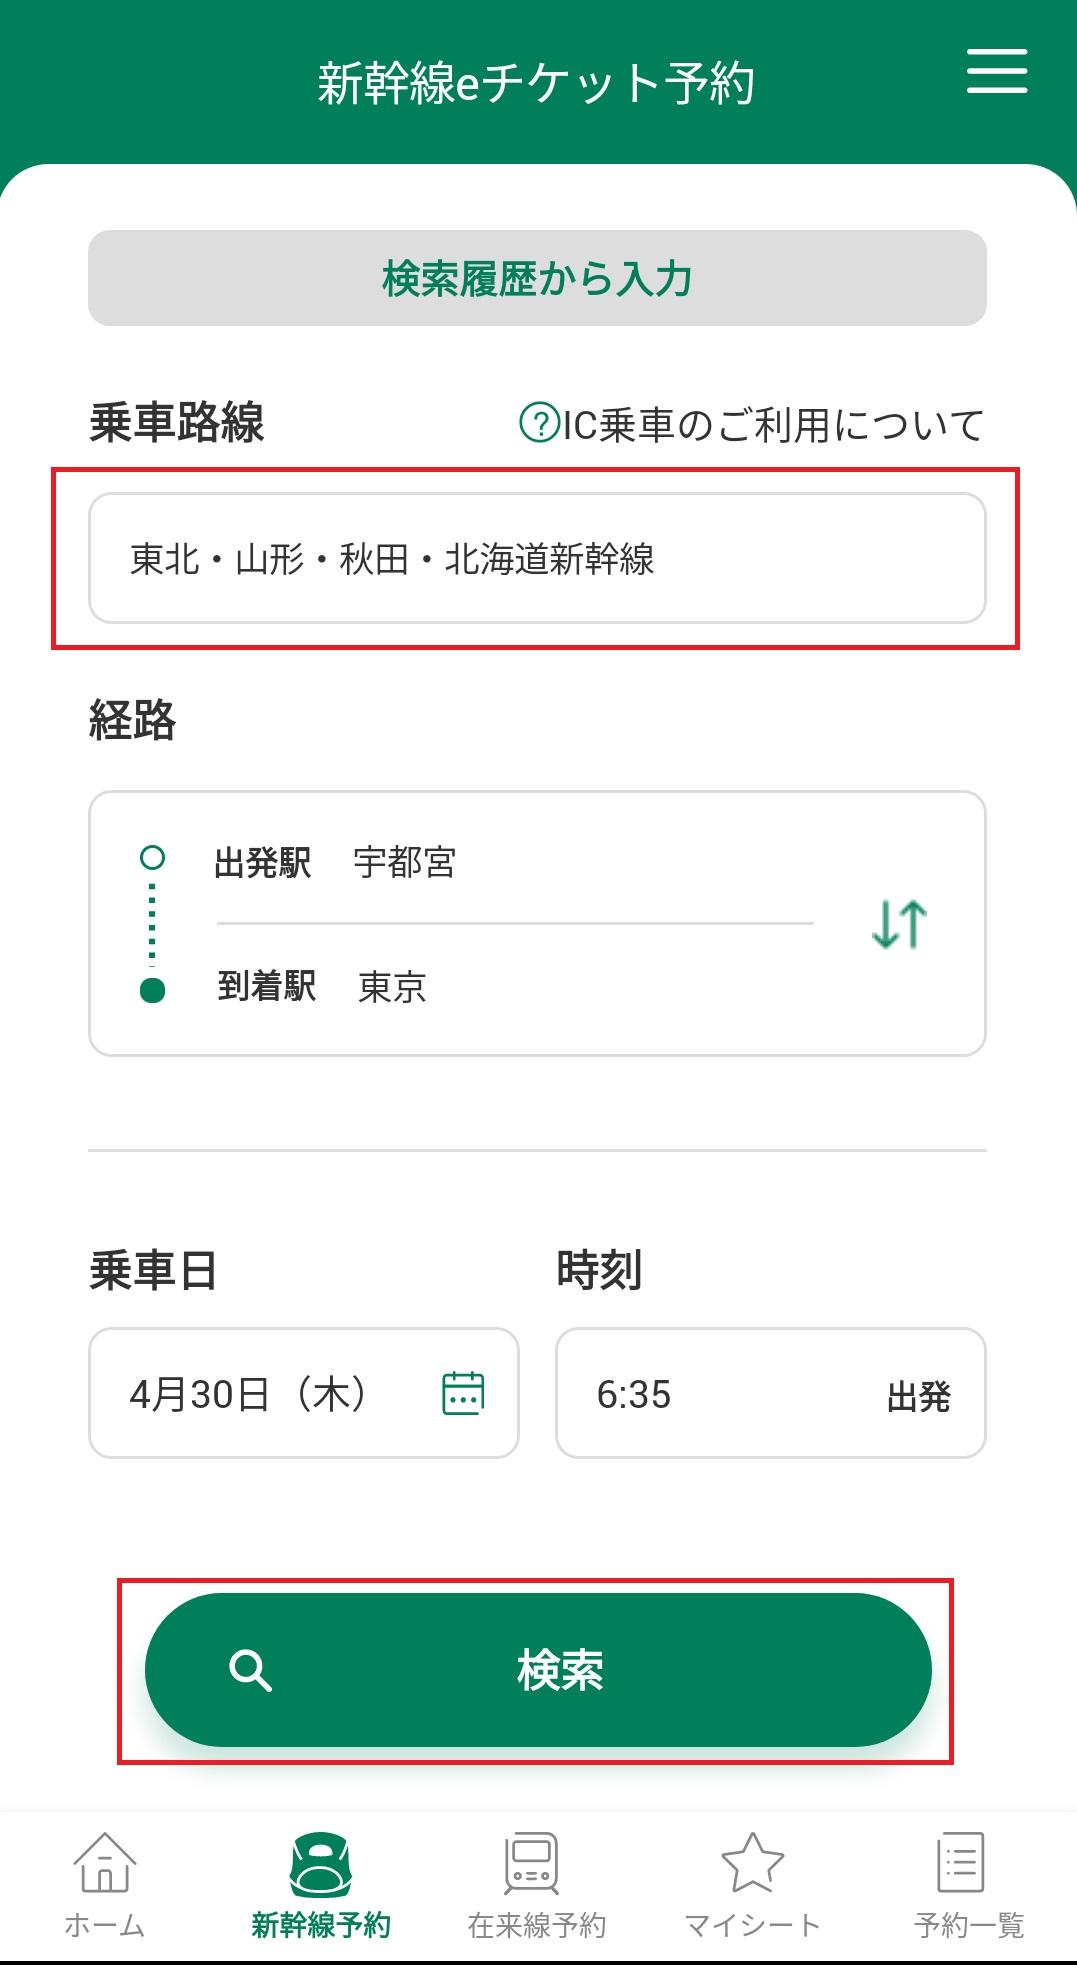 えきねっとアプリ「東北・山形・秋田・北海道新幹線」対応